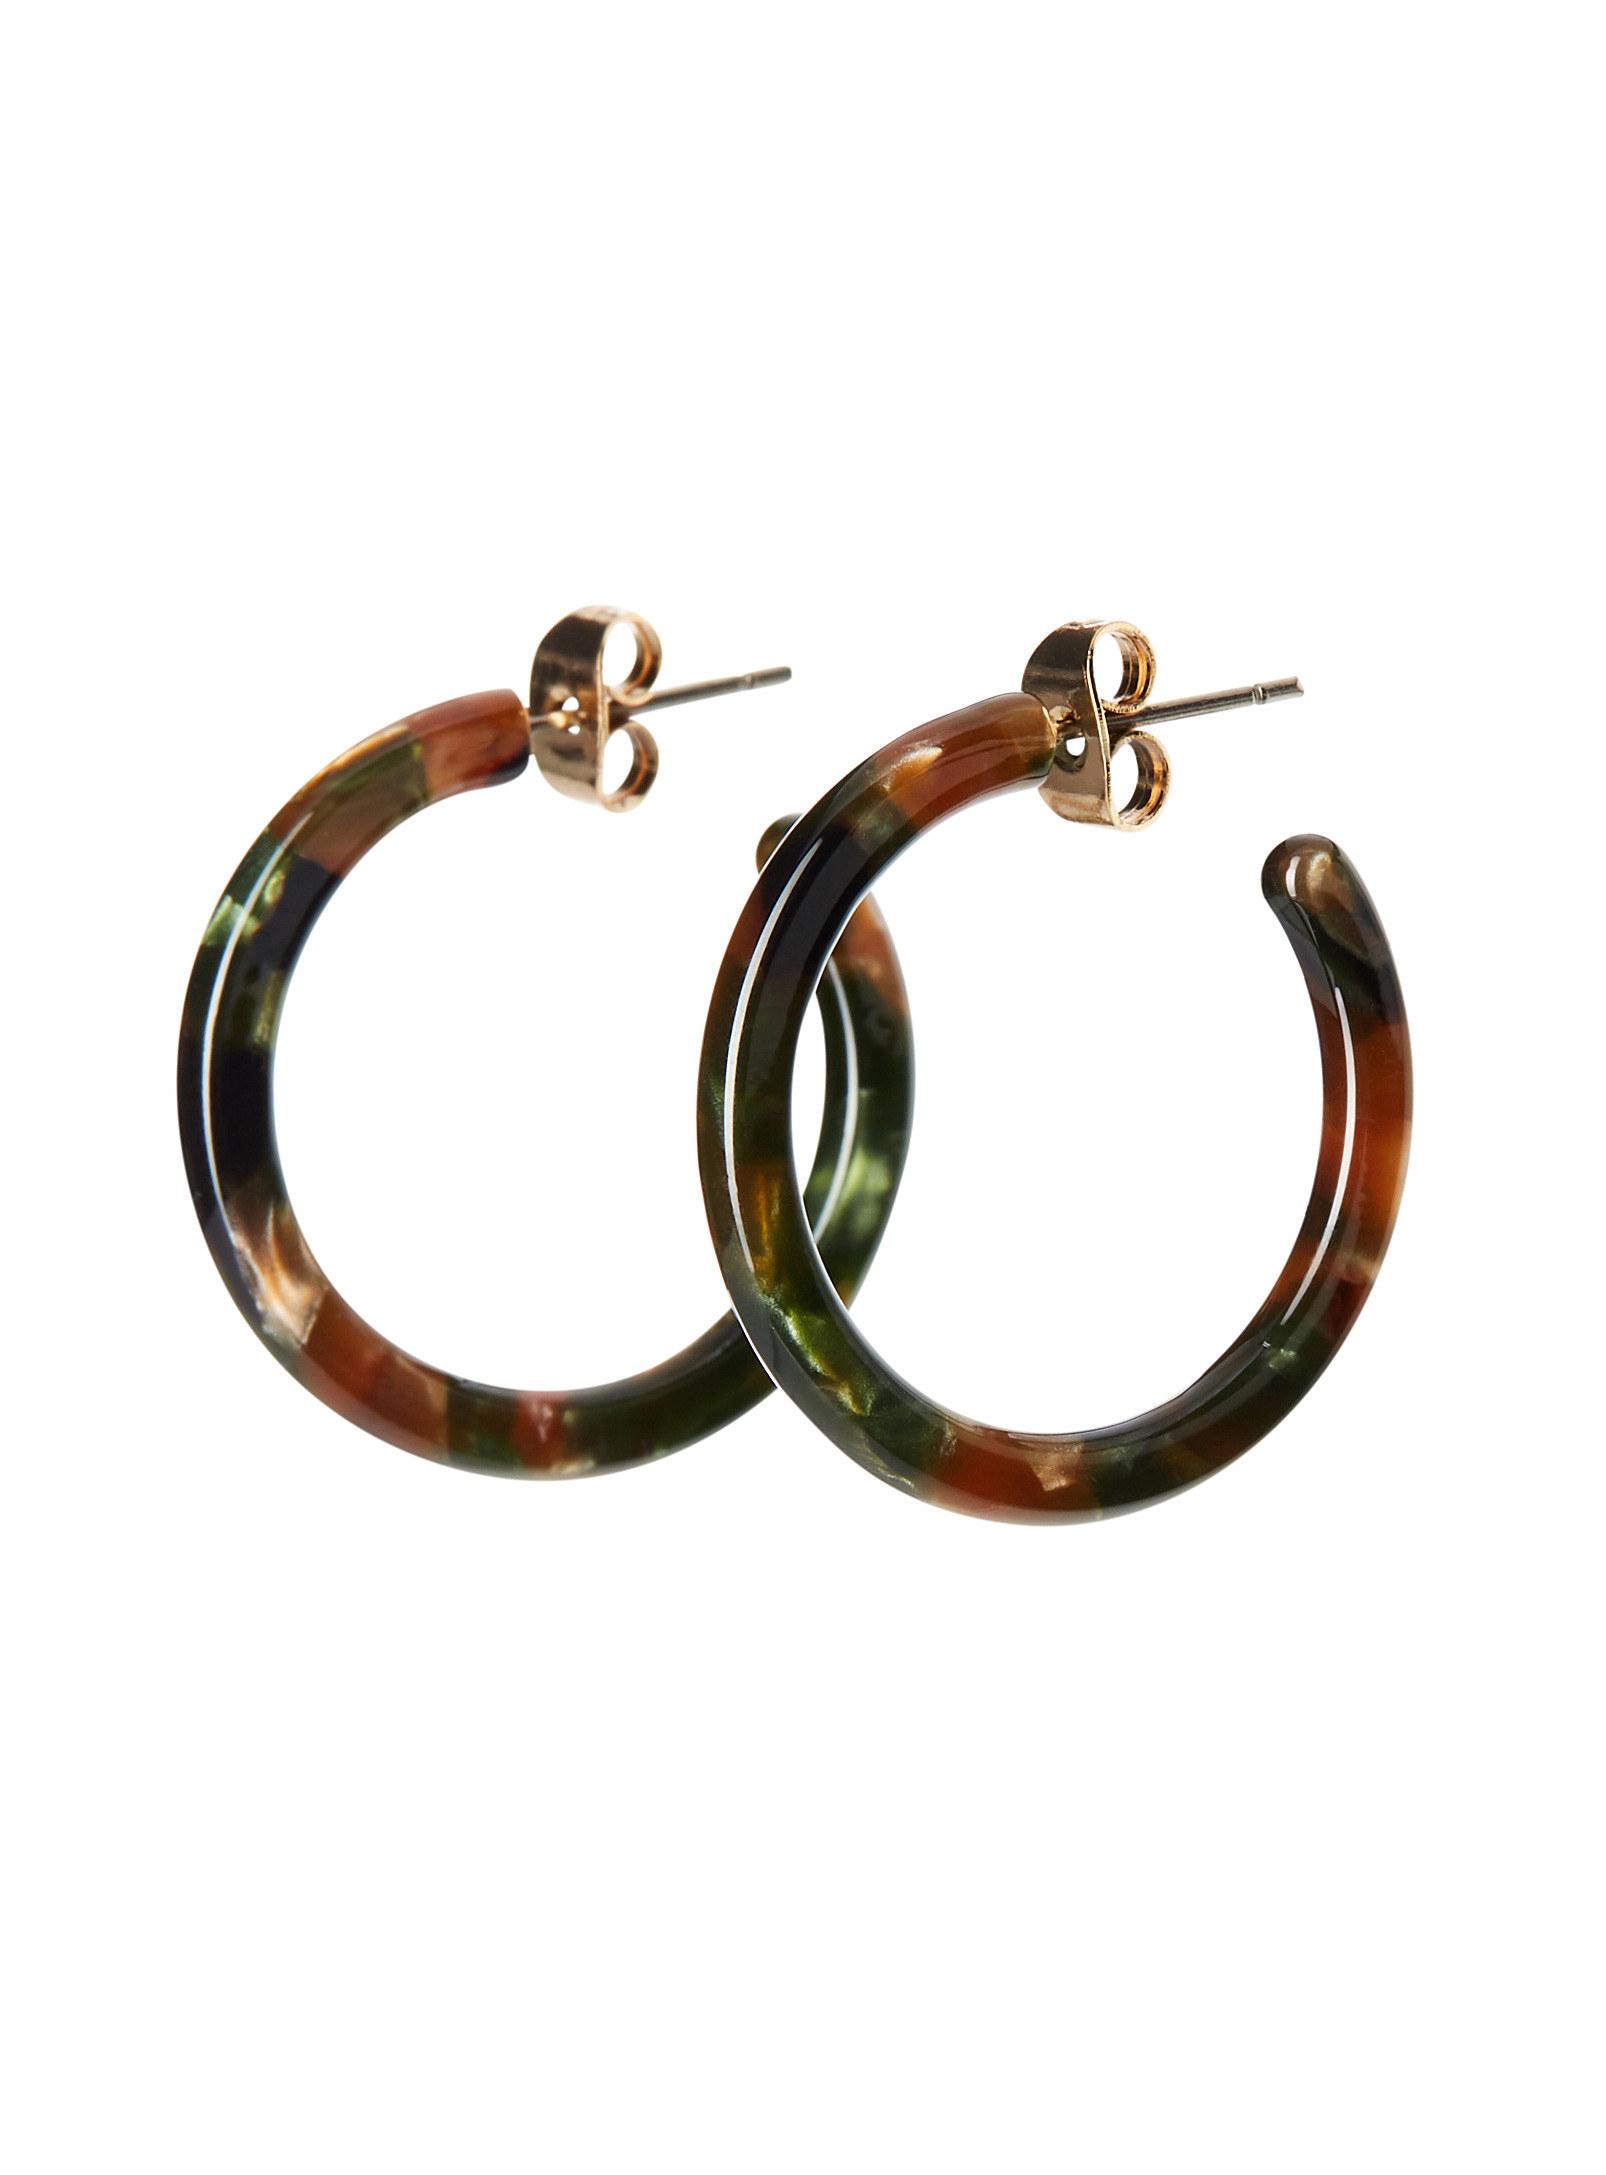 pair of hoops